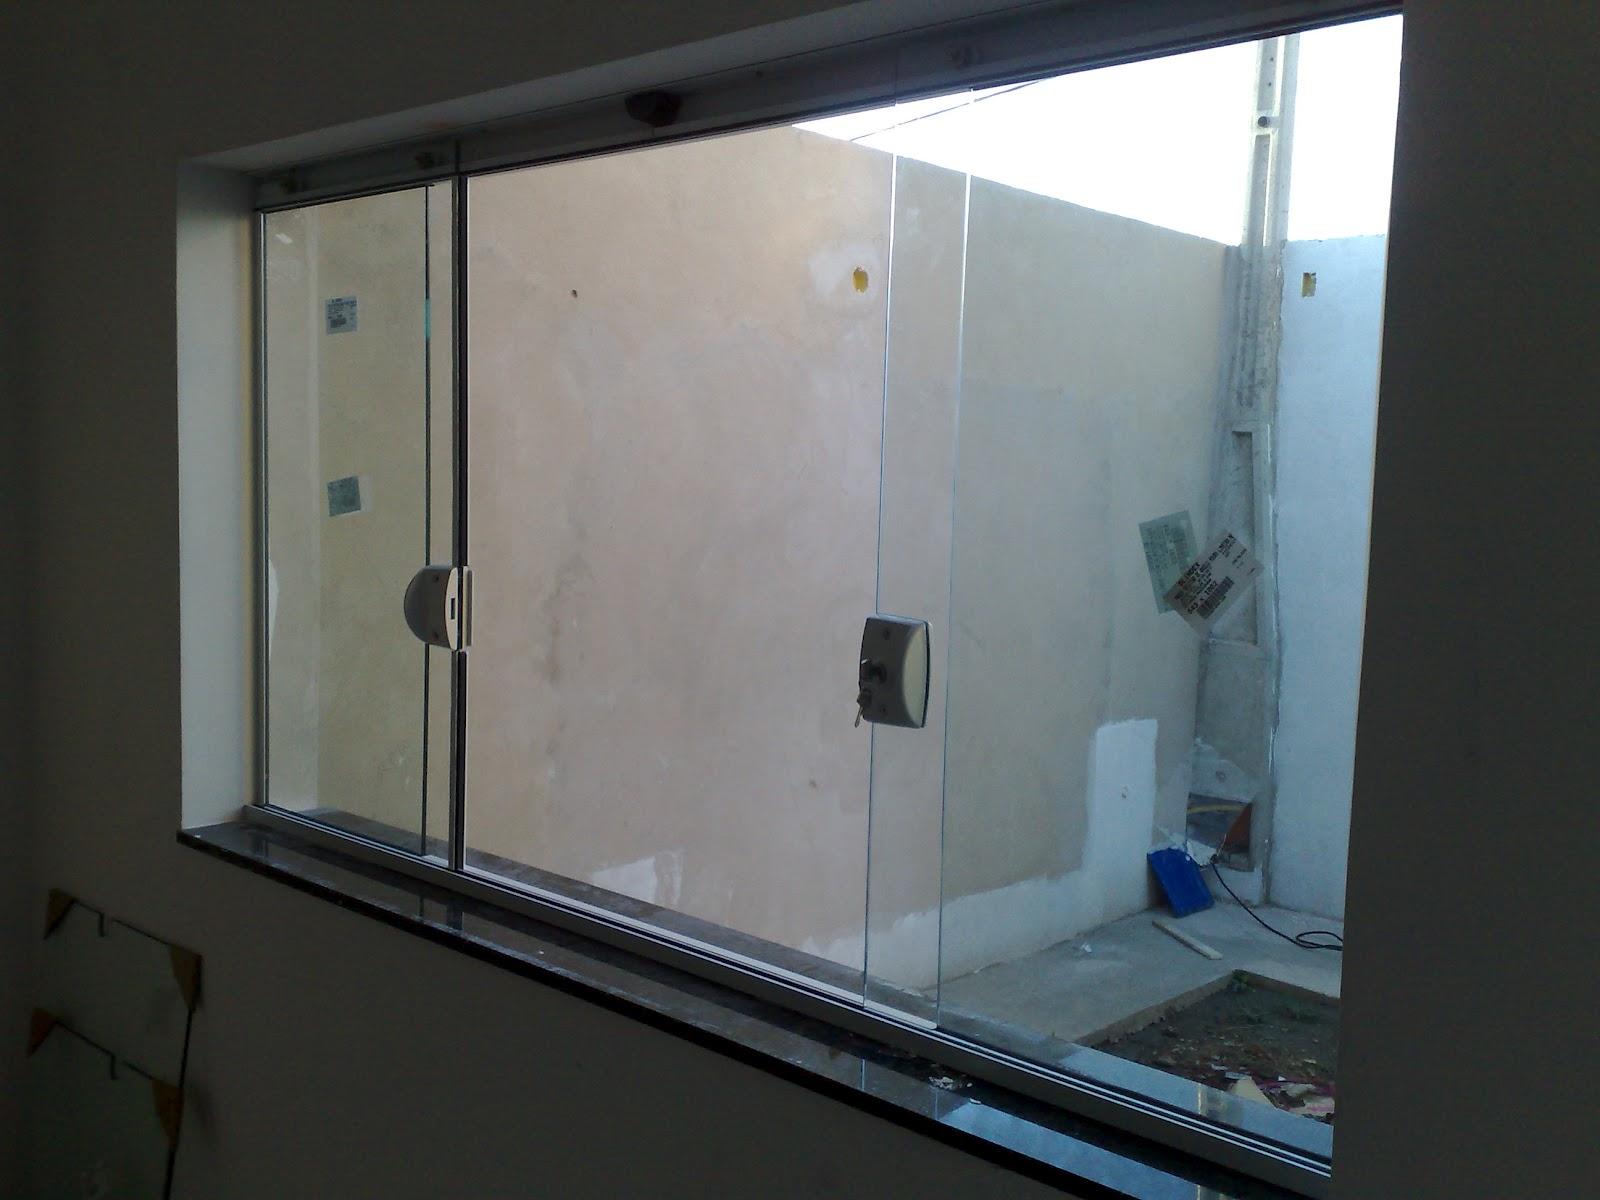 #38495C Passo a passo da construção da minha primeira casa: Vidros Blindex  250 Janelas De Vidro Pra Sala